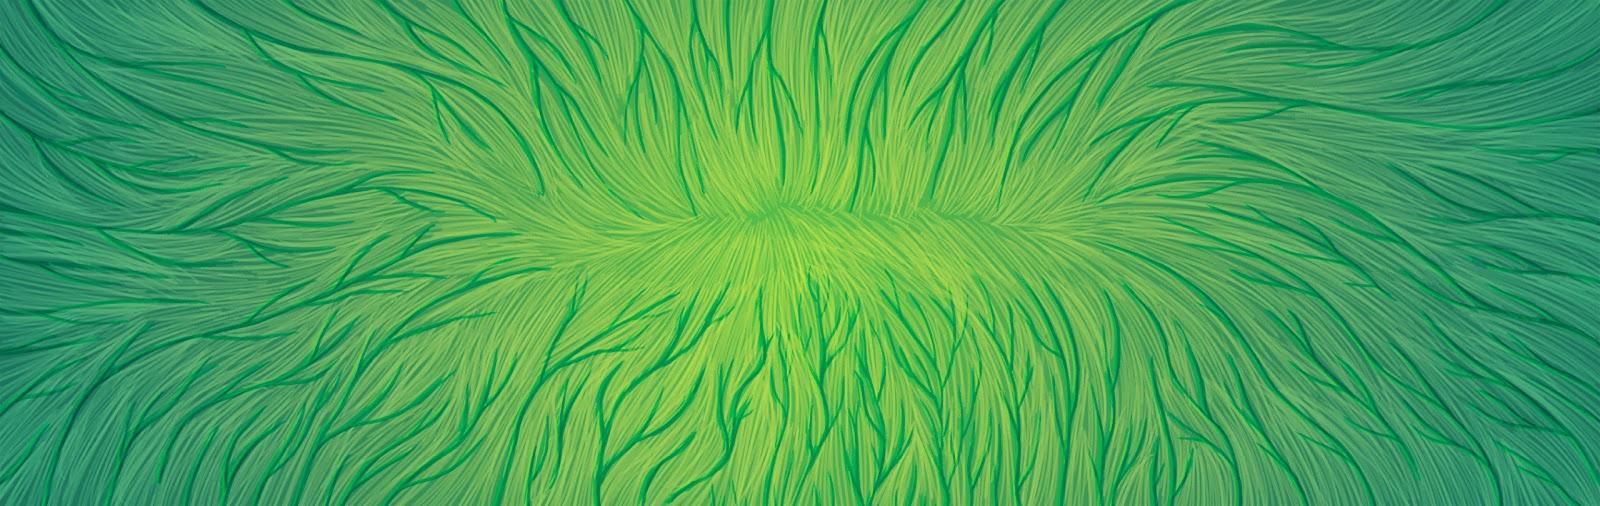 Vine texture - Jen Haugan Animation & Illustration